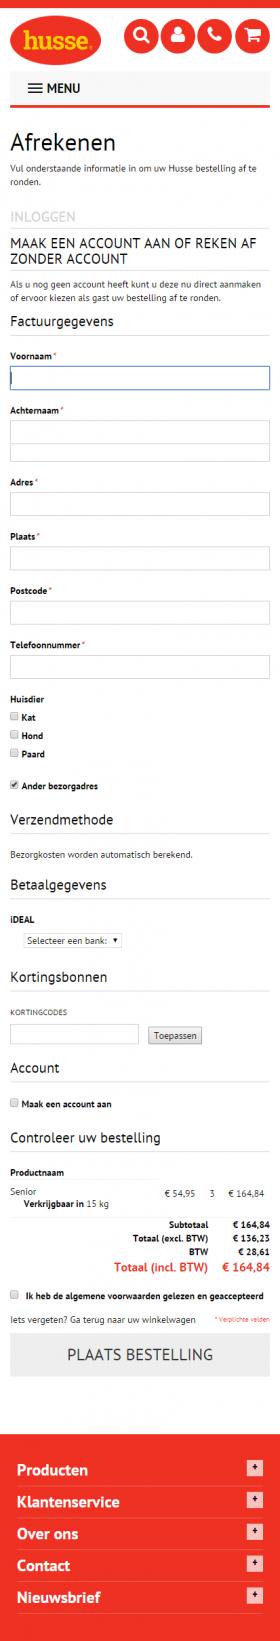 FireShot Capture 15 - Afrekenen I Husse Nederland - http___www.husse.nl_checkout_onestep_